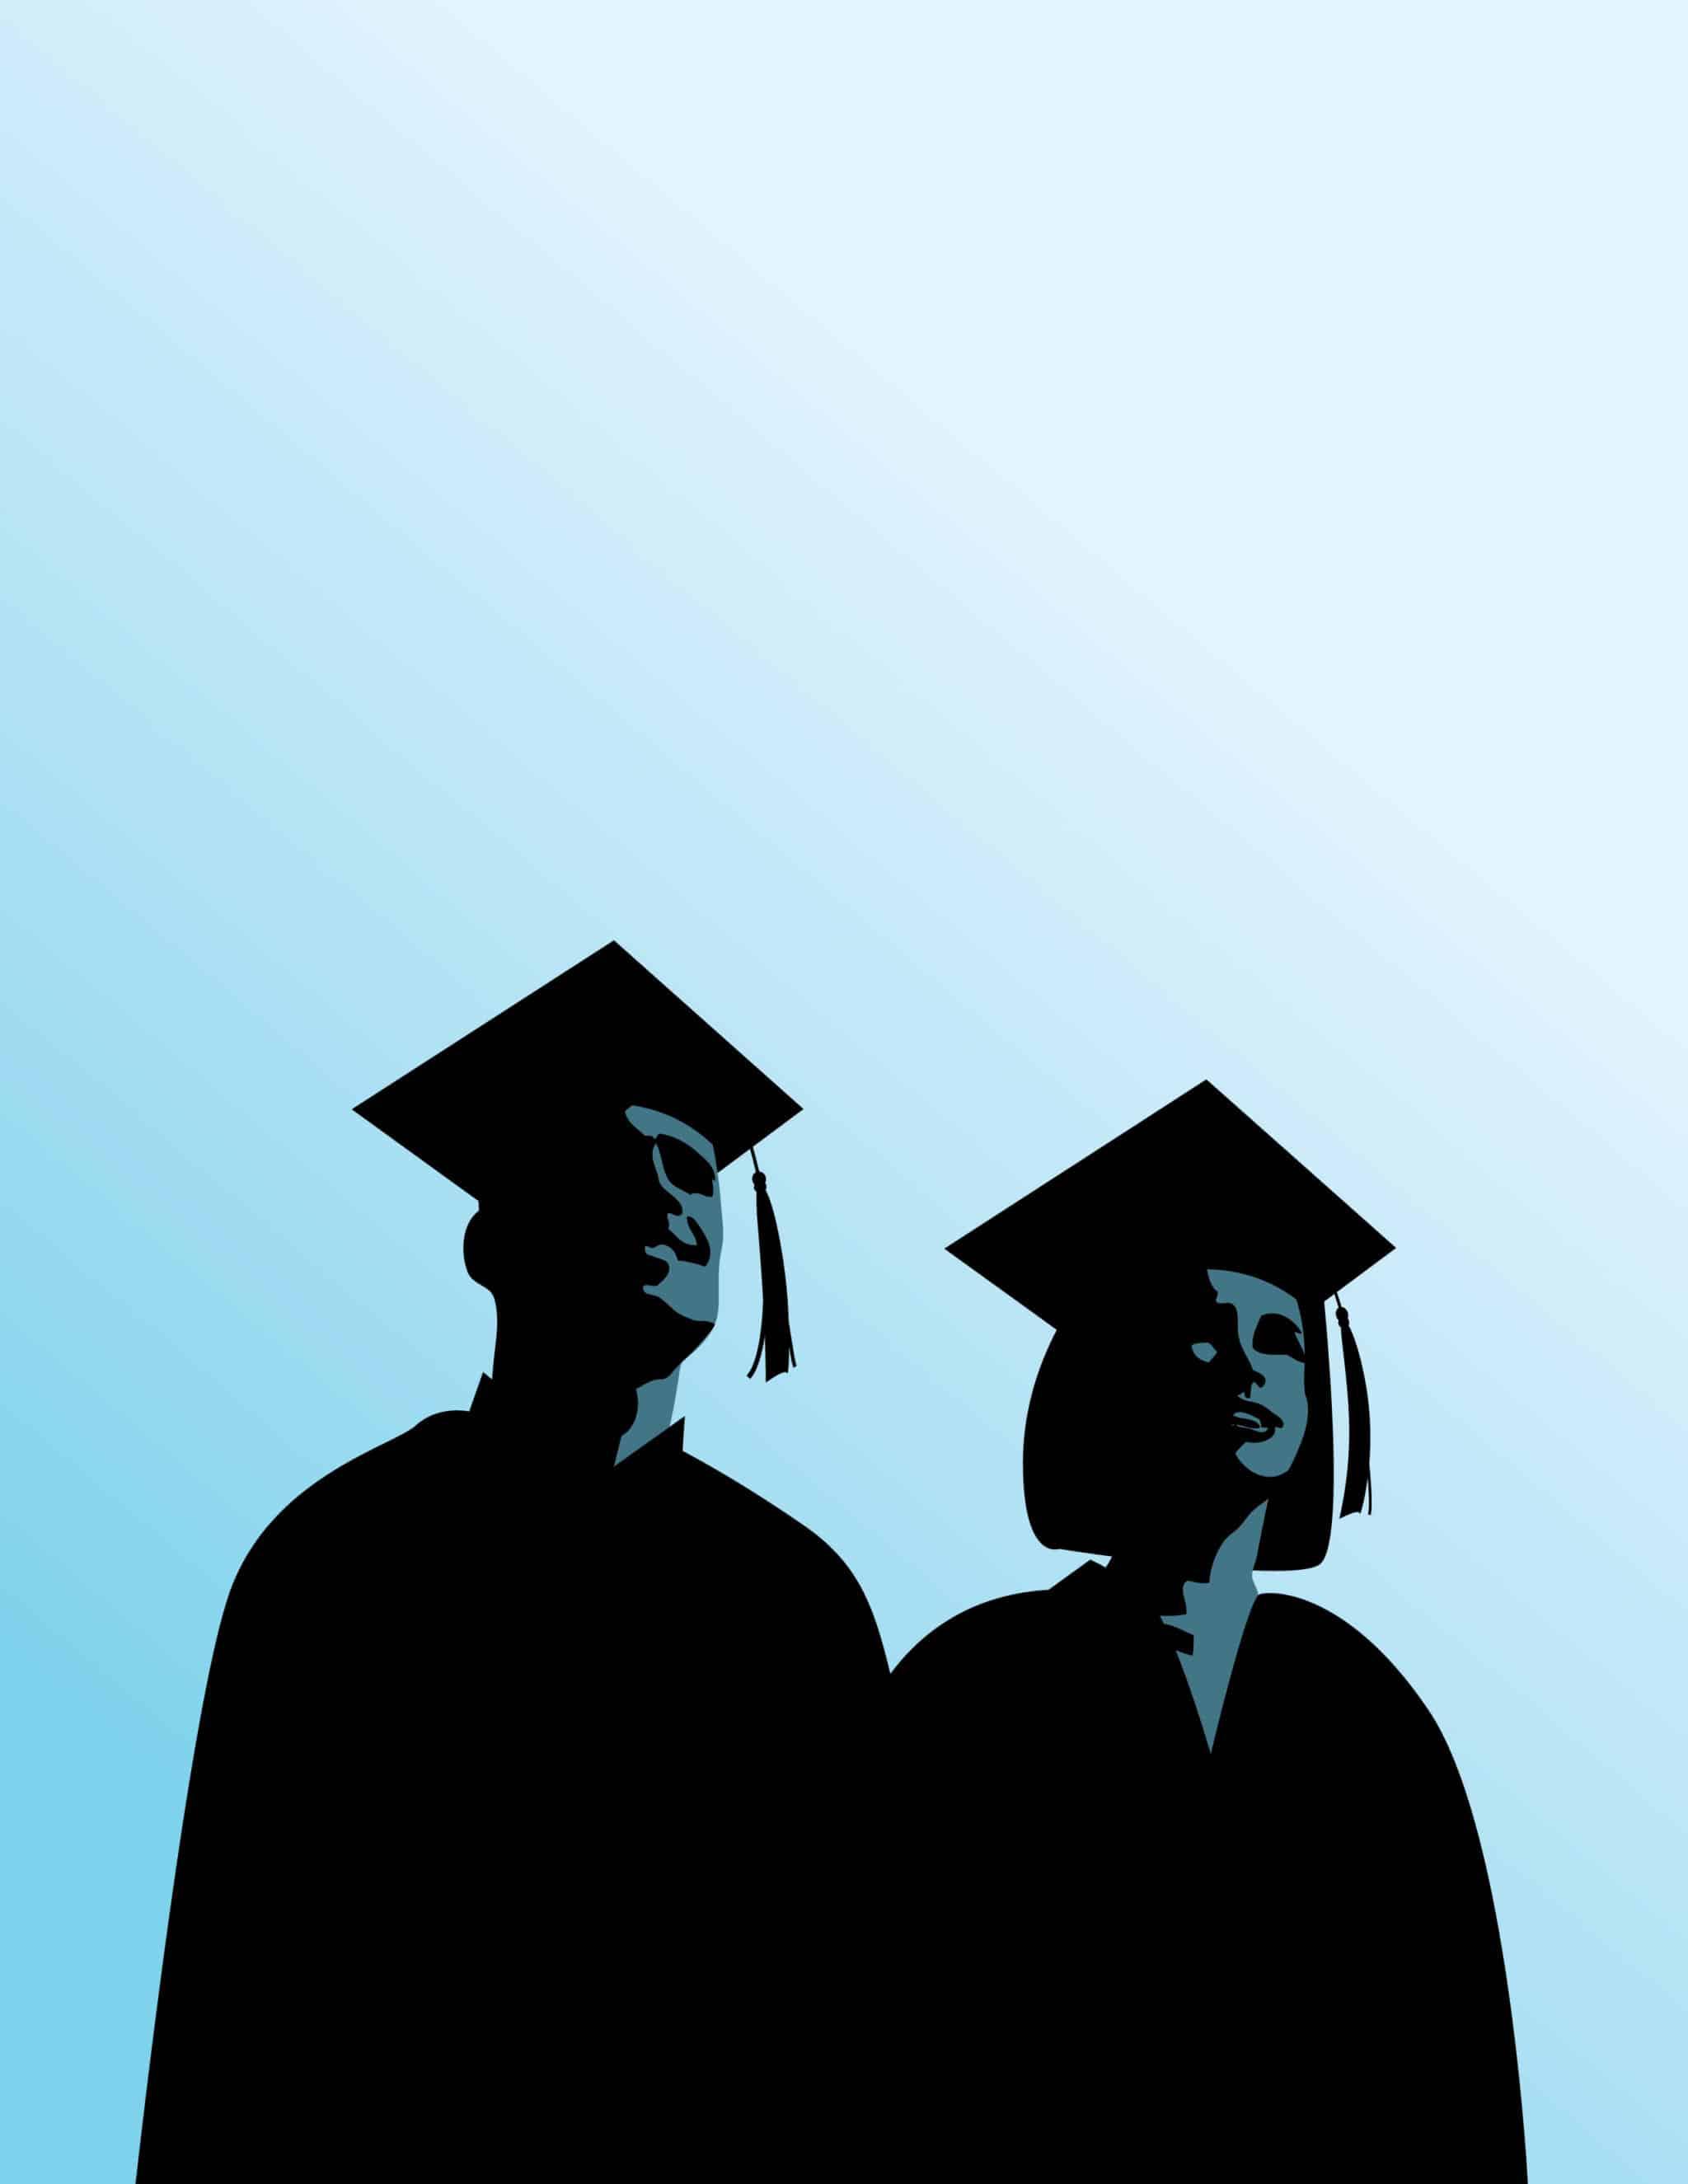 graduates face future